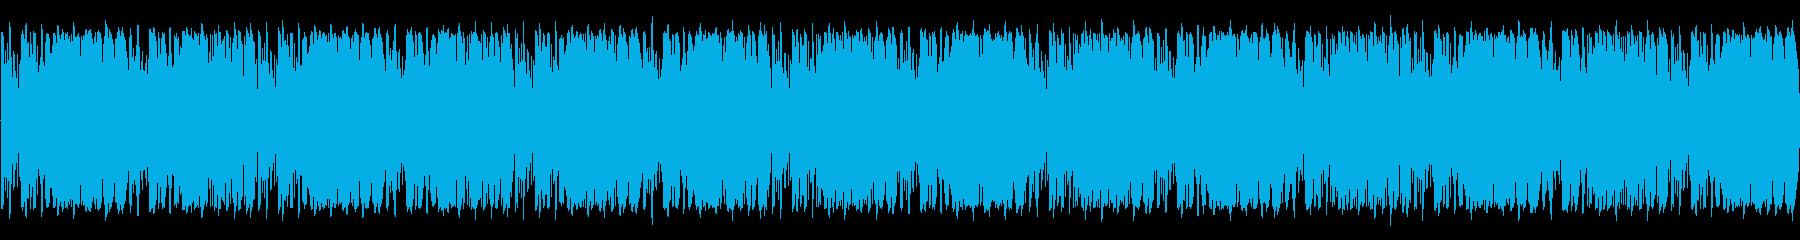 エネルギッシュでアグレッシブな感触...の再生済みの波形